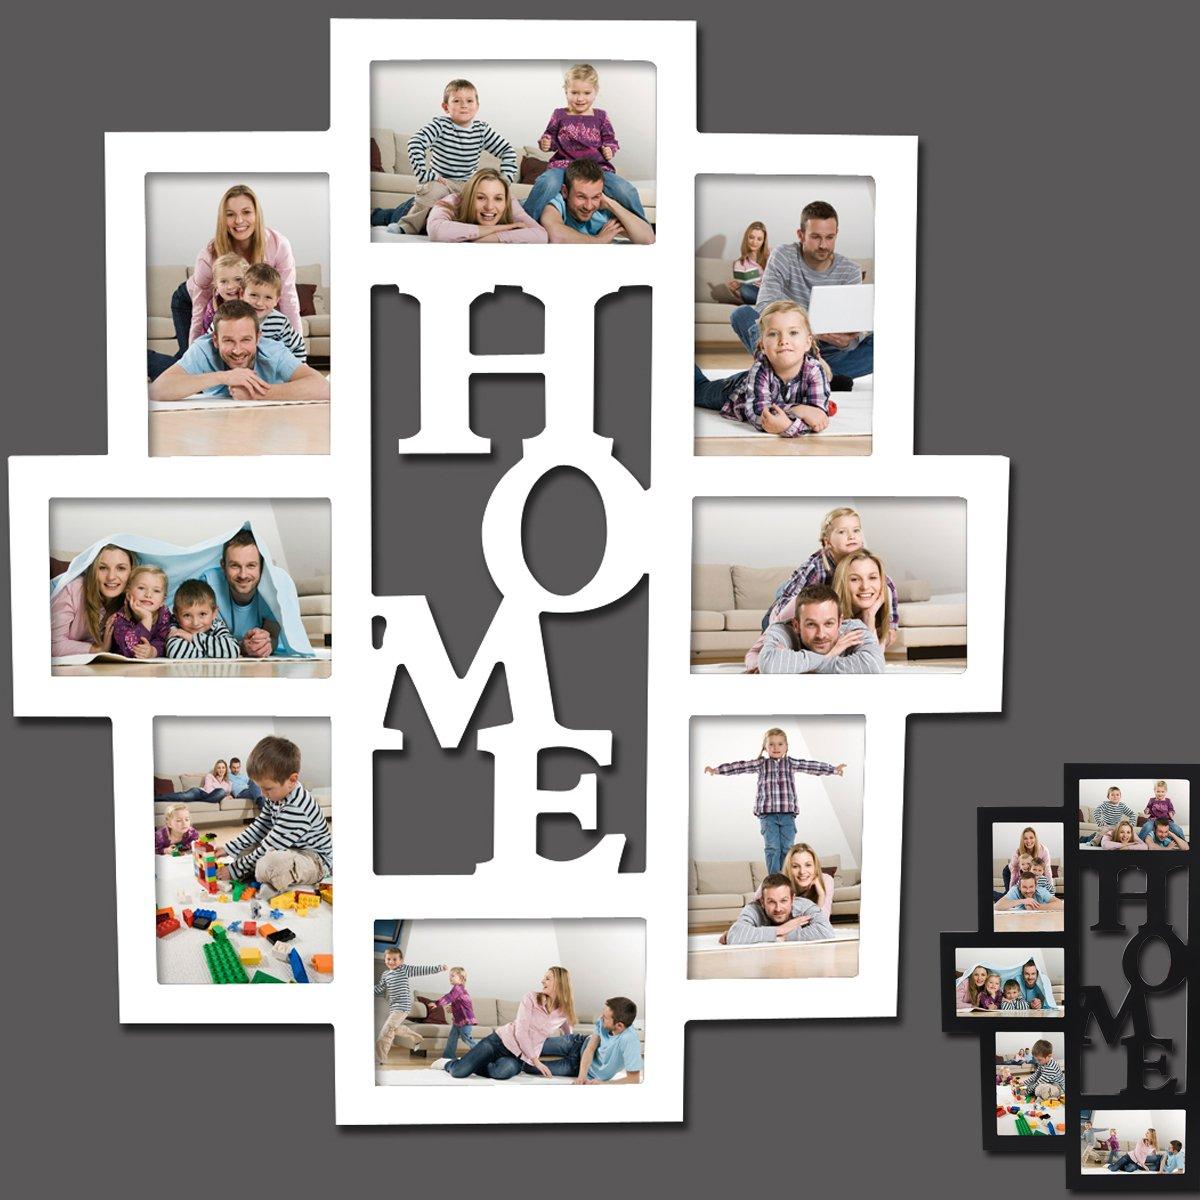 Amazon.de: EUGAD 8 Fotos Collage Bilderrahmen #9, 3D Holz Rahmen ...